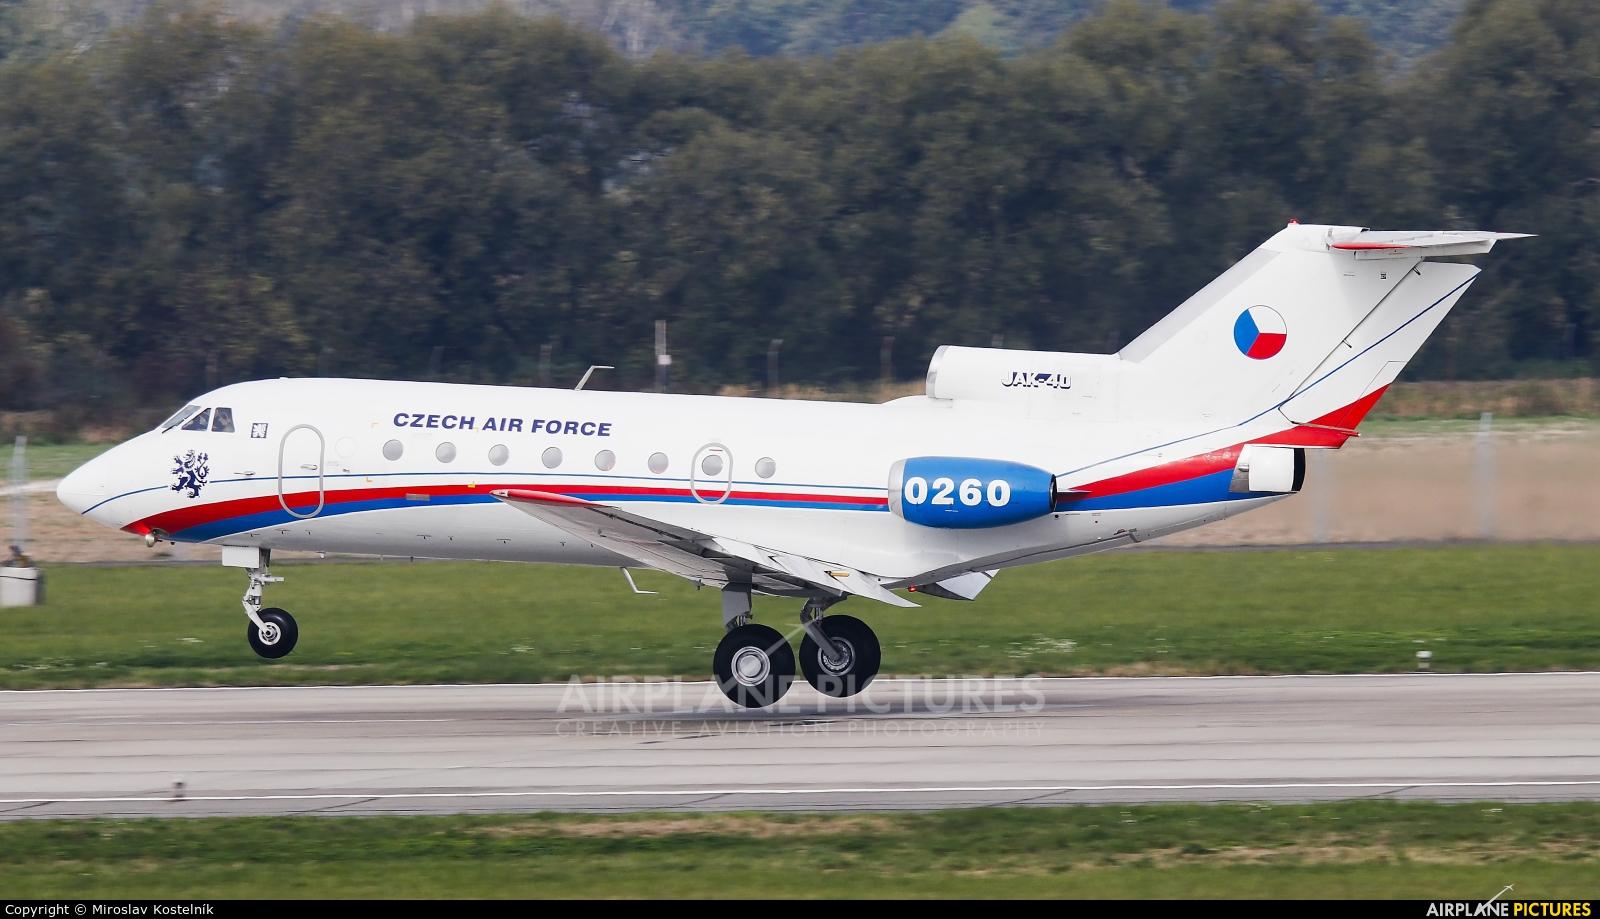 Czech - Air Force 0260 aircraft at Ostrava Mošnov